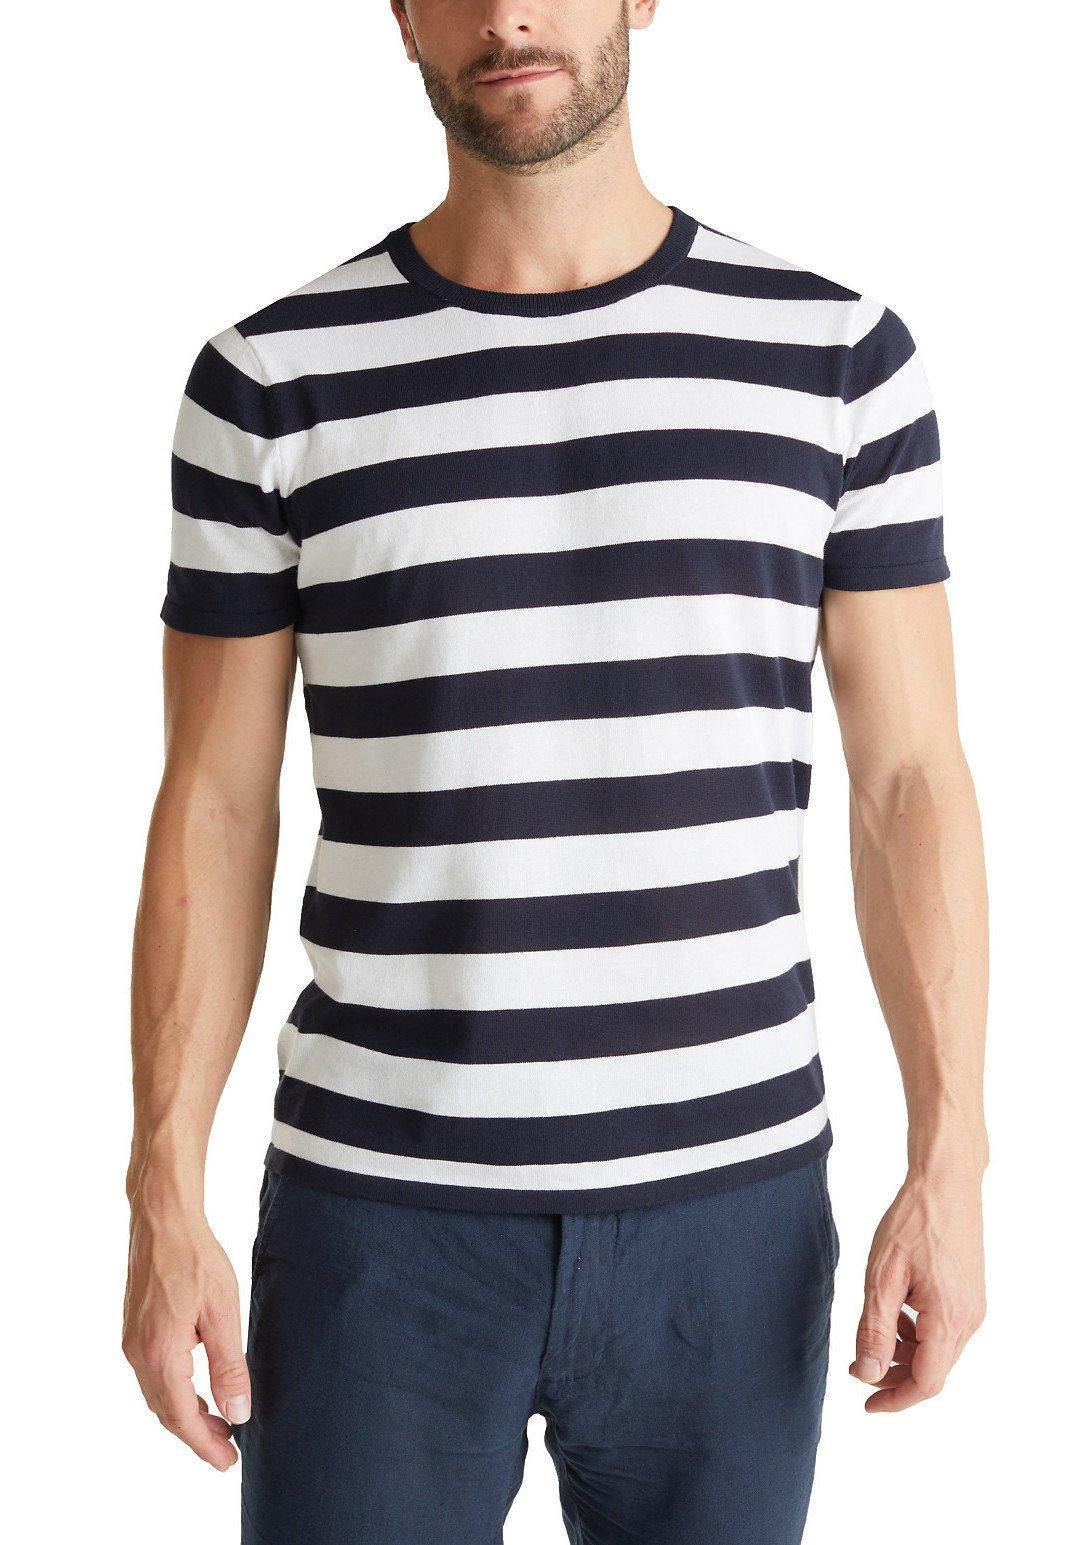 Nyt Og Mode Mode Stil Tøj til herrer Esprit Collection T-shirts print navy ms2lCv DHwrSg